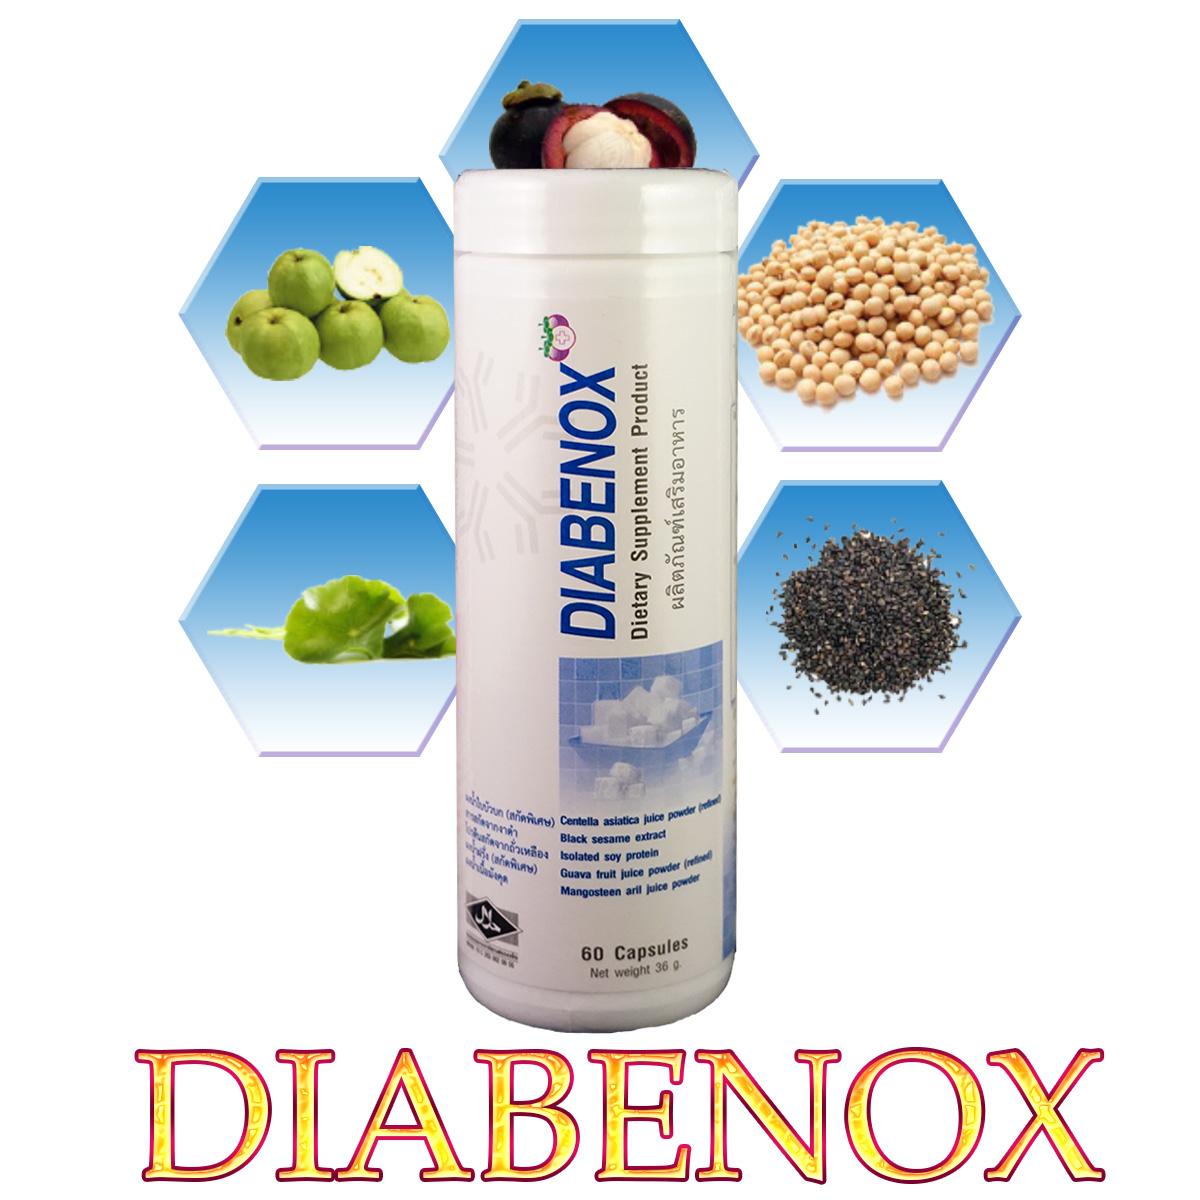 Diabenox ไดอาบีน็อกซ์